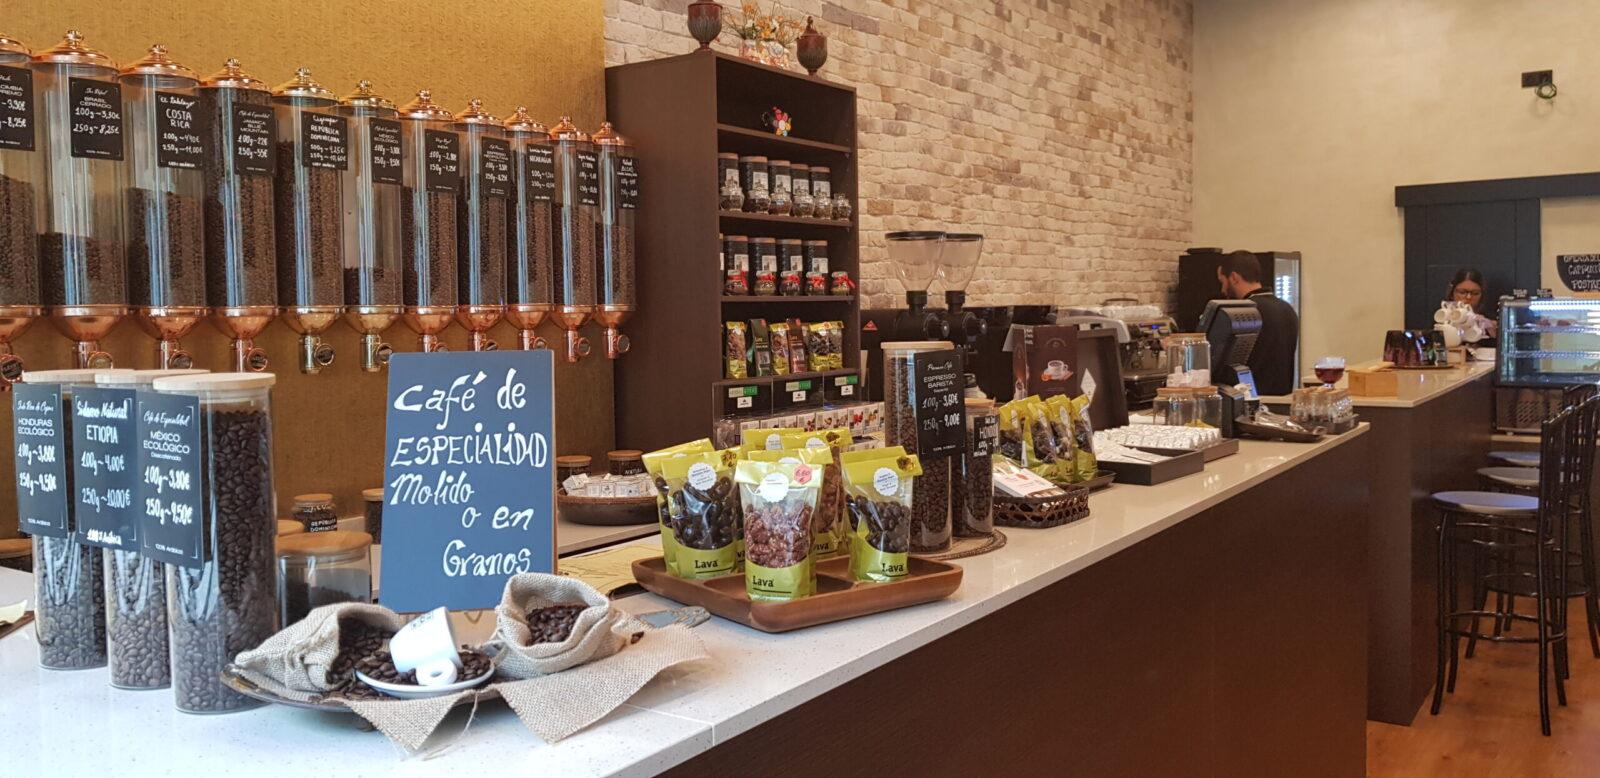 mostrador de cafe